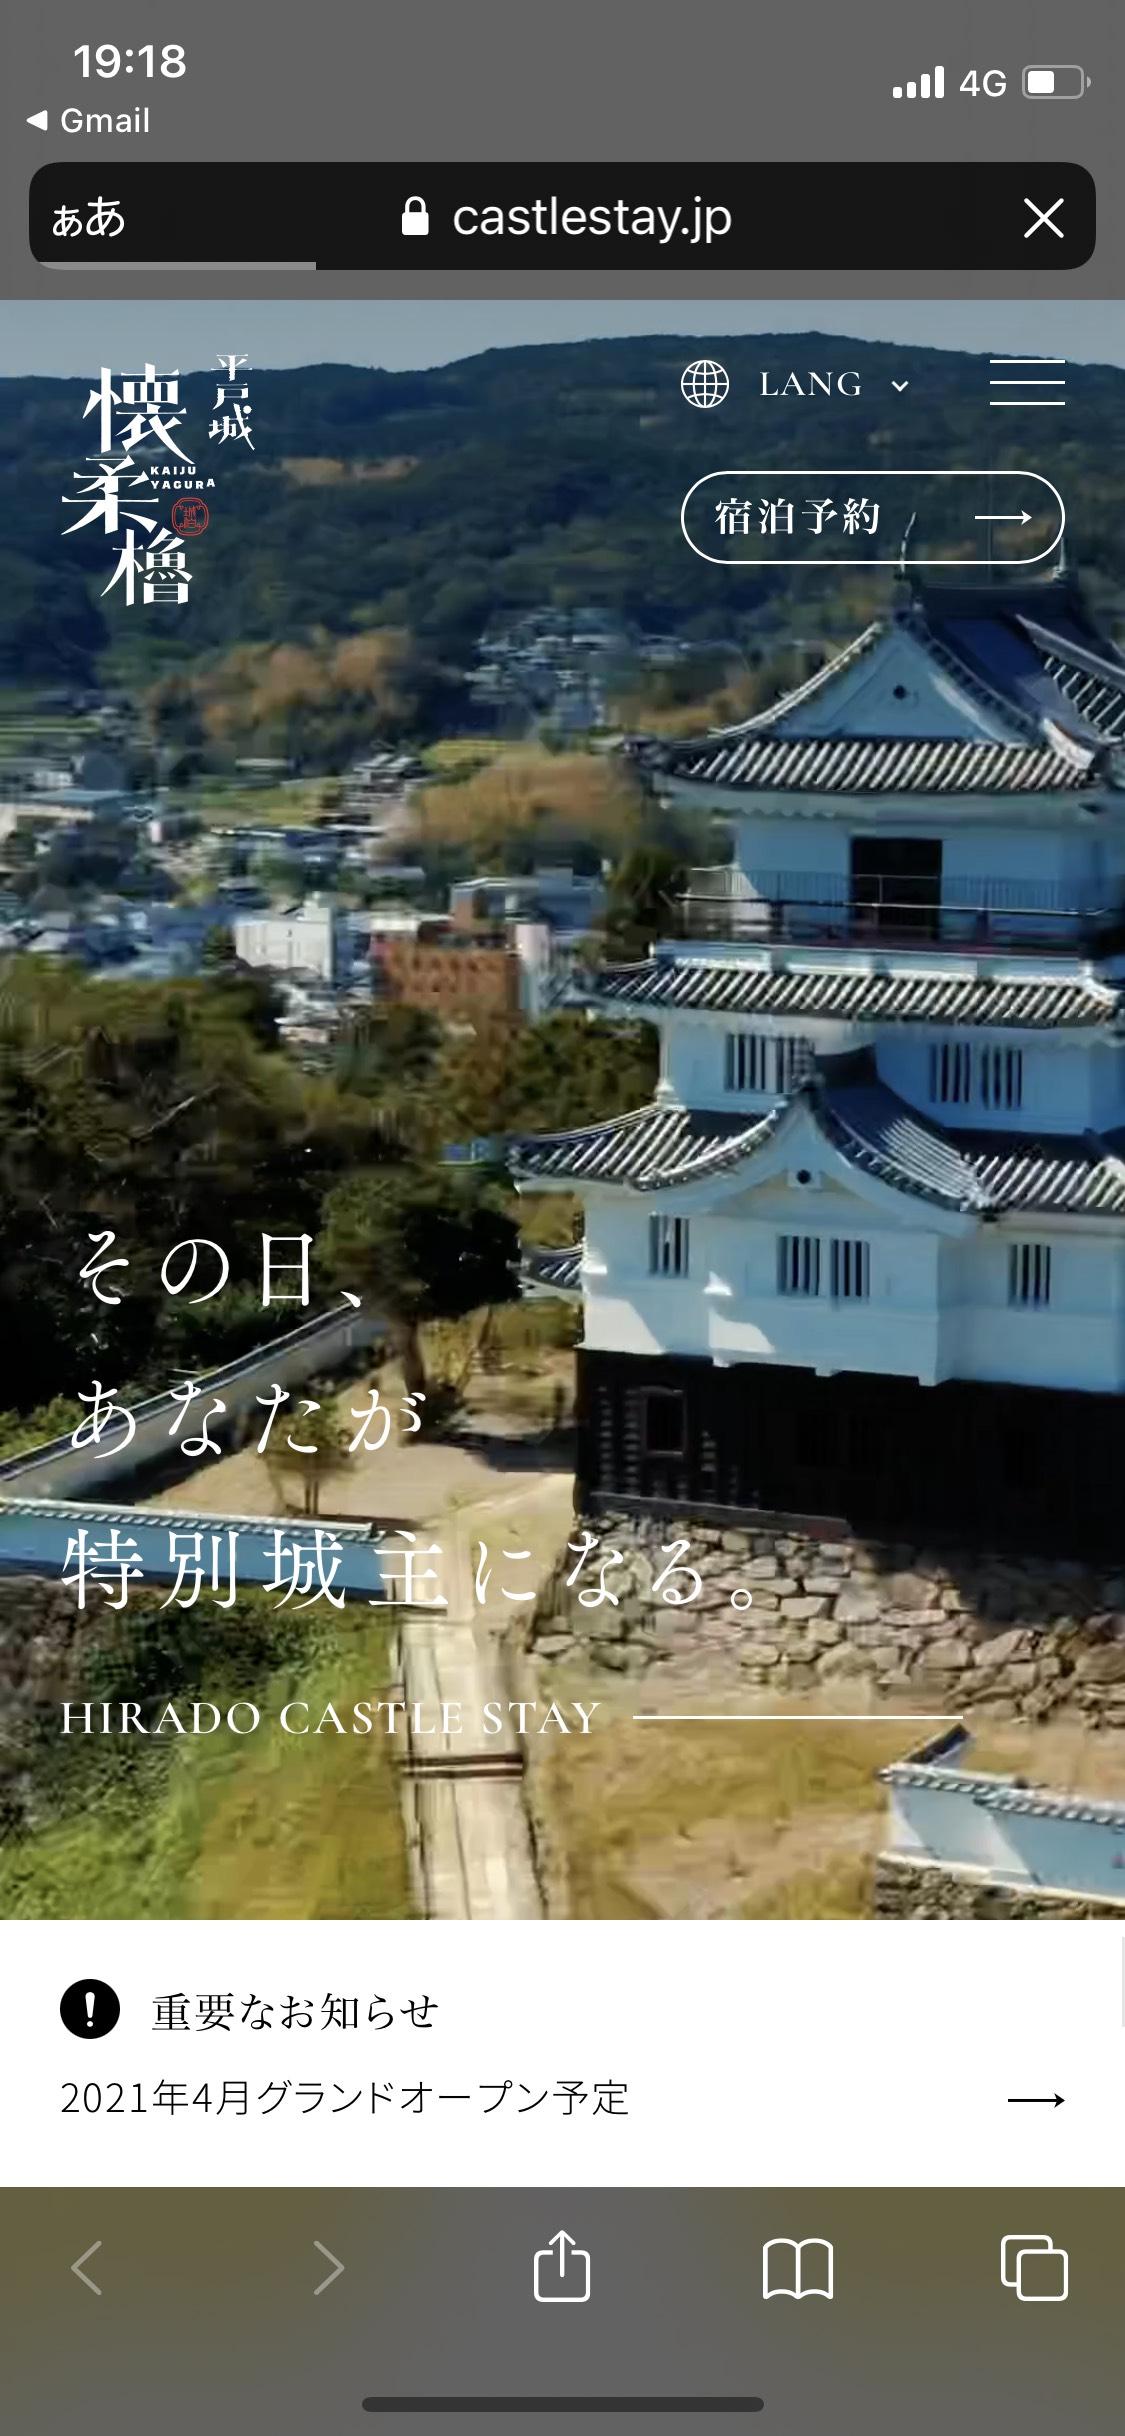 平戸城 懐柔櫓 Castle Stayのサイト